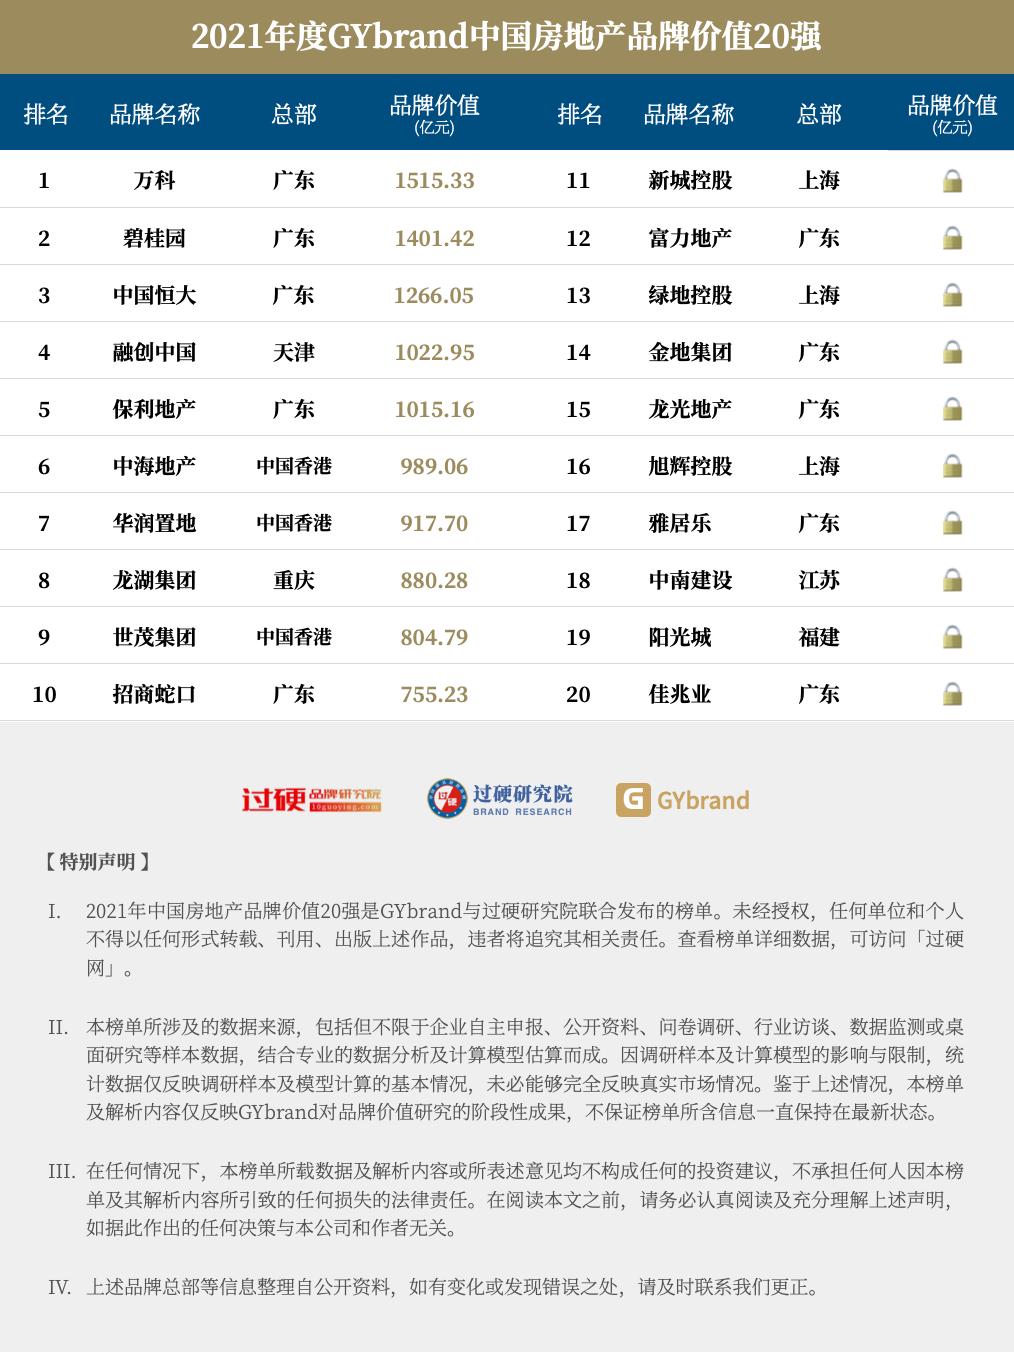 2021中国房地产排名20强名单